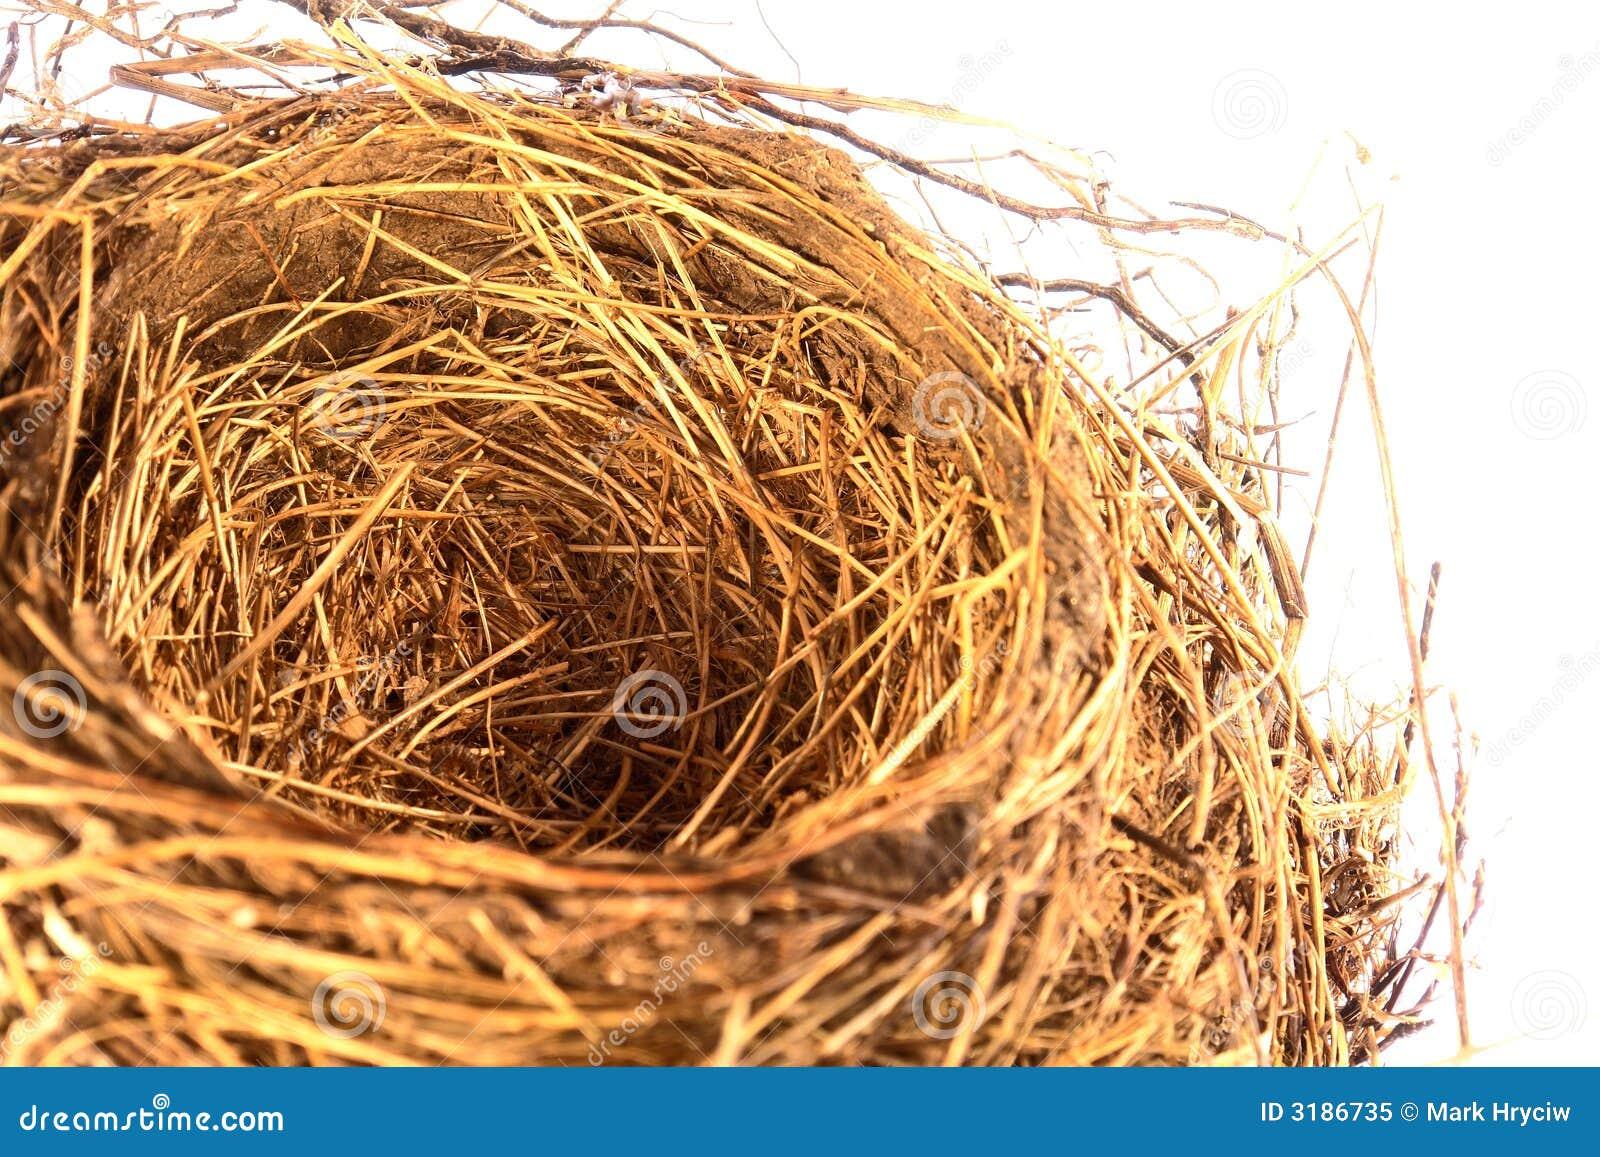 leeres vogel nest lizenzfreies stockfoto bild 3186735. Black Bedroom Furniture Sets. Home Design Ideas